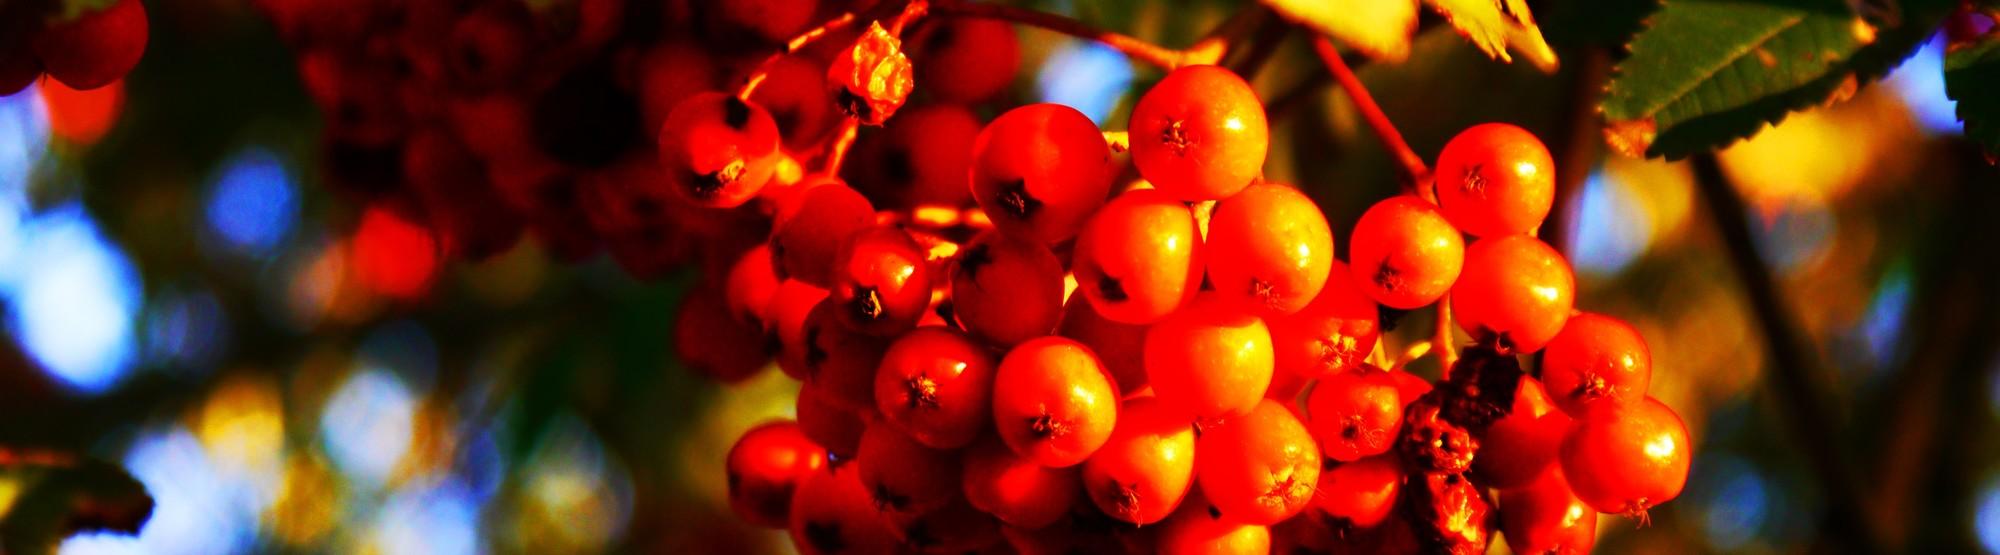 Rönnbär.jpg